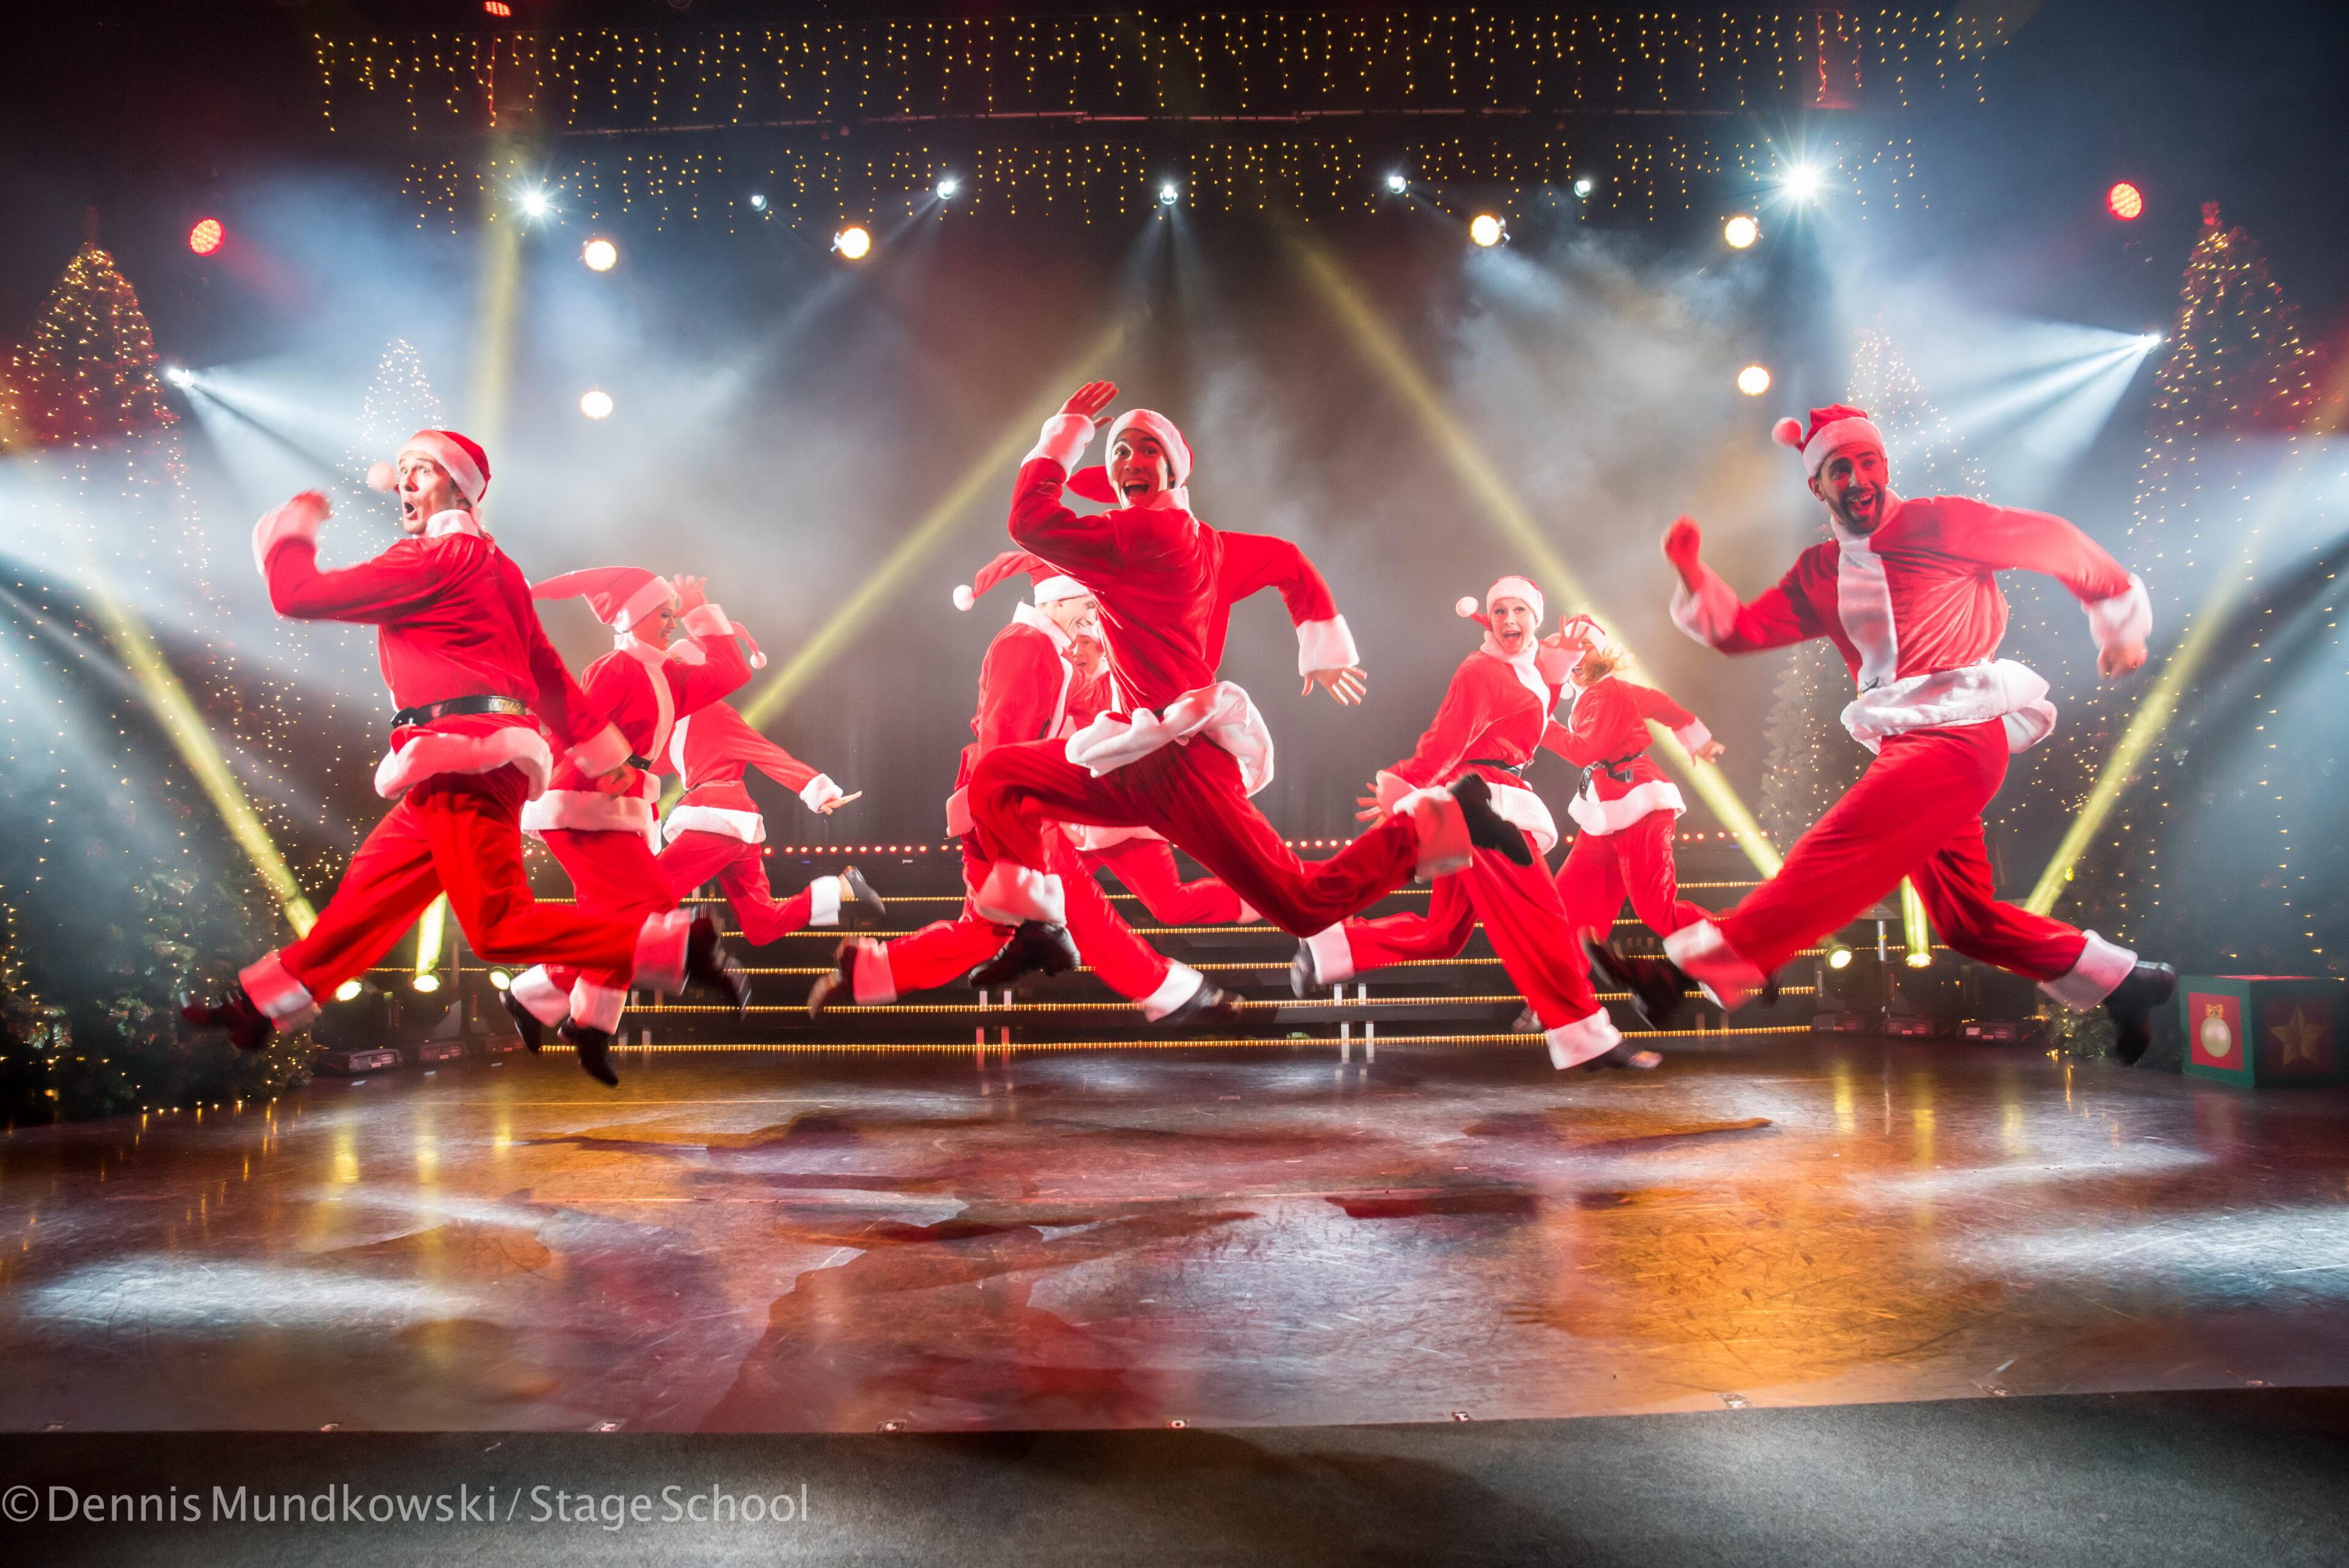 Die große Weihnachtsshow DSC 2771 c Dennis Mundkowski scaled - DIE SCHÖNSTEN WEIHNACHTSMÄRCHEN